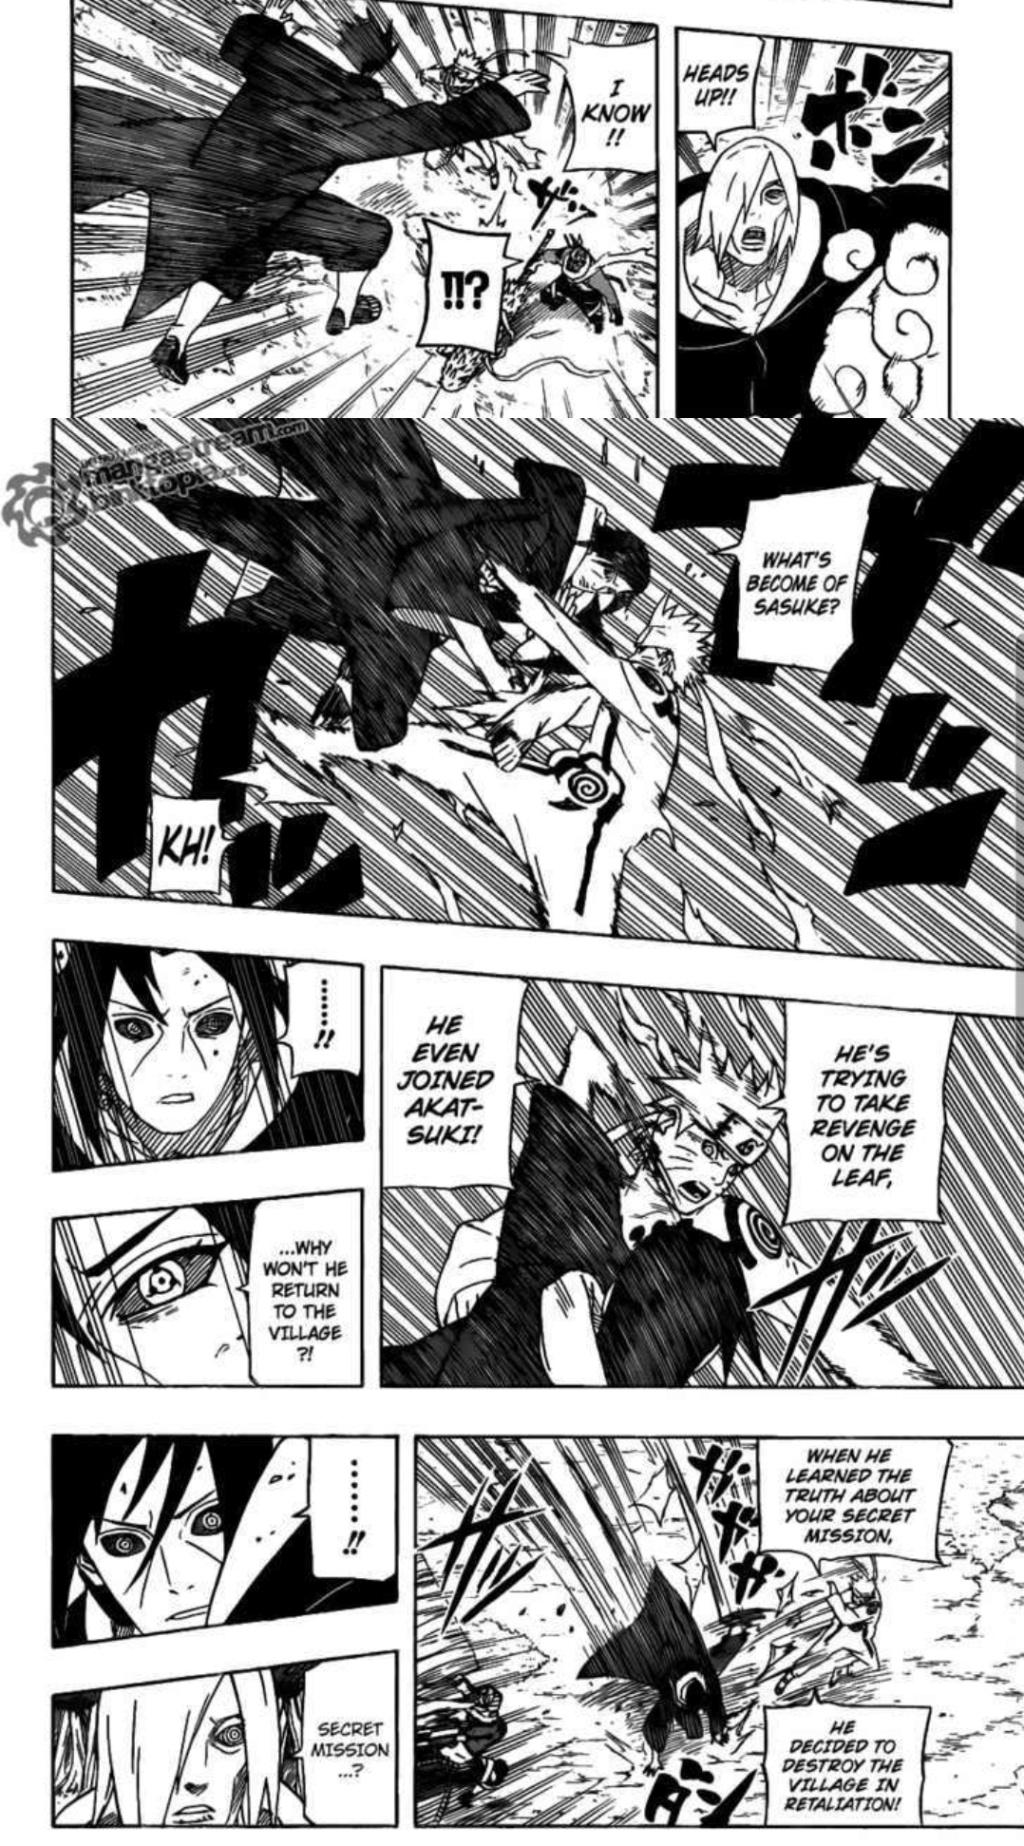 Sasuke Hebi vs Itachi 3 tomoe - Página 2 Smarts32